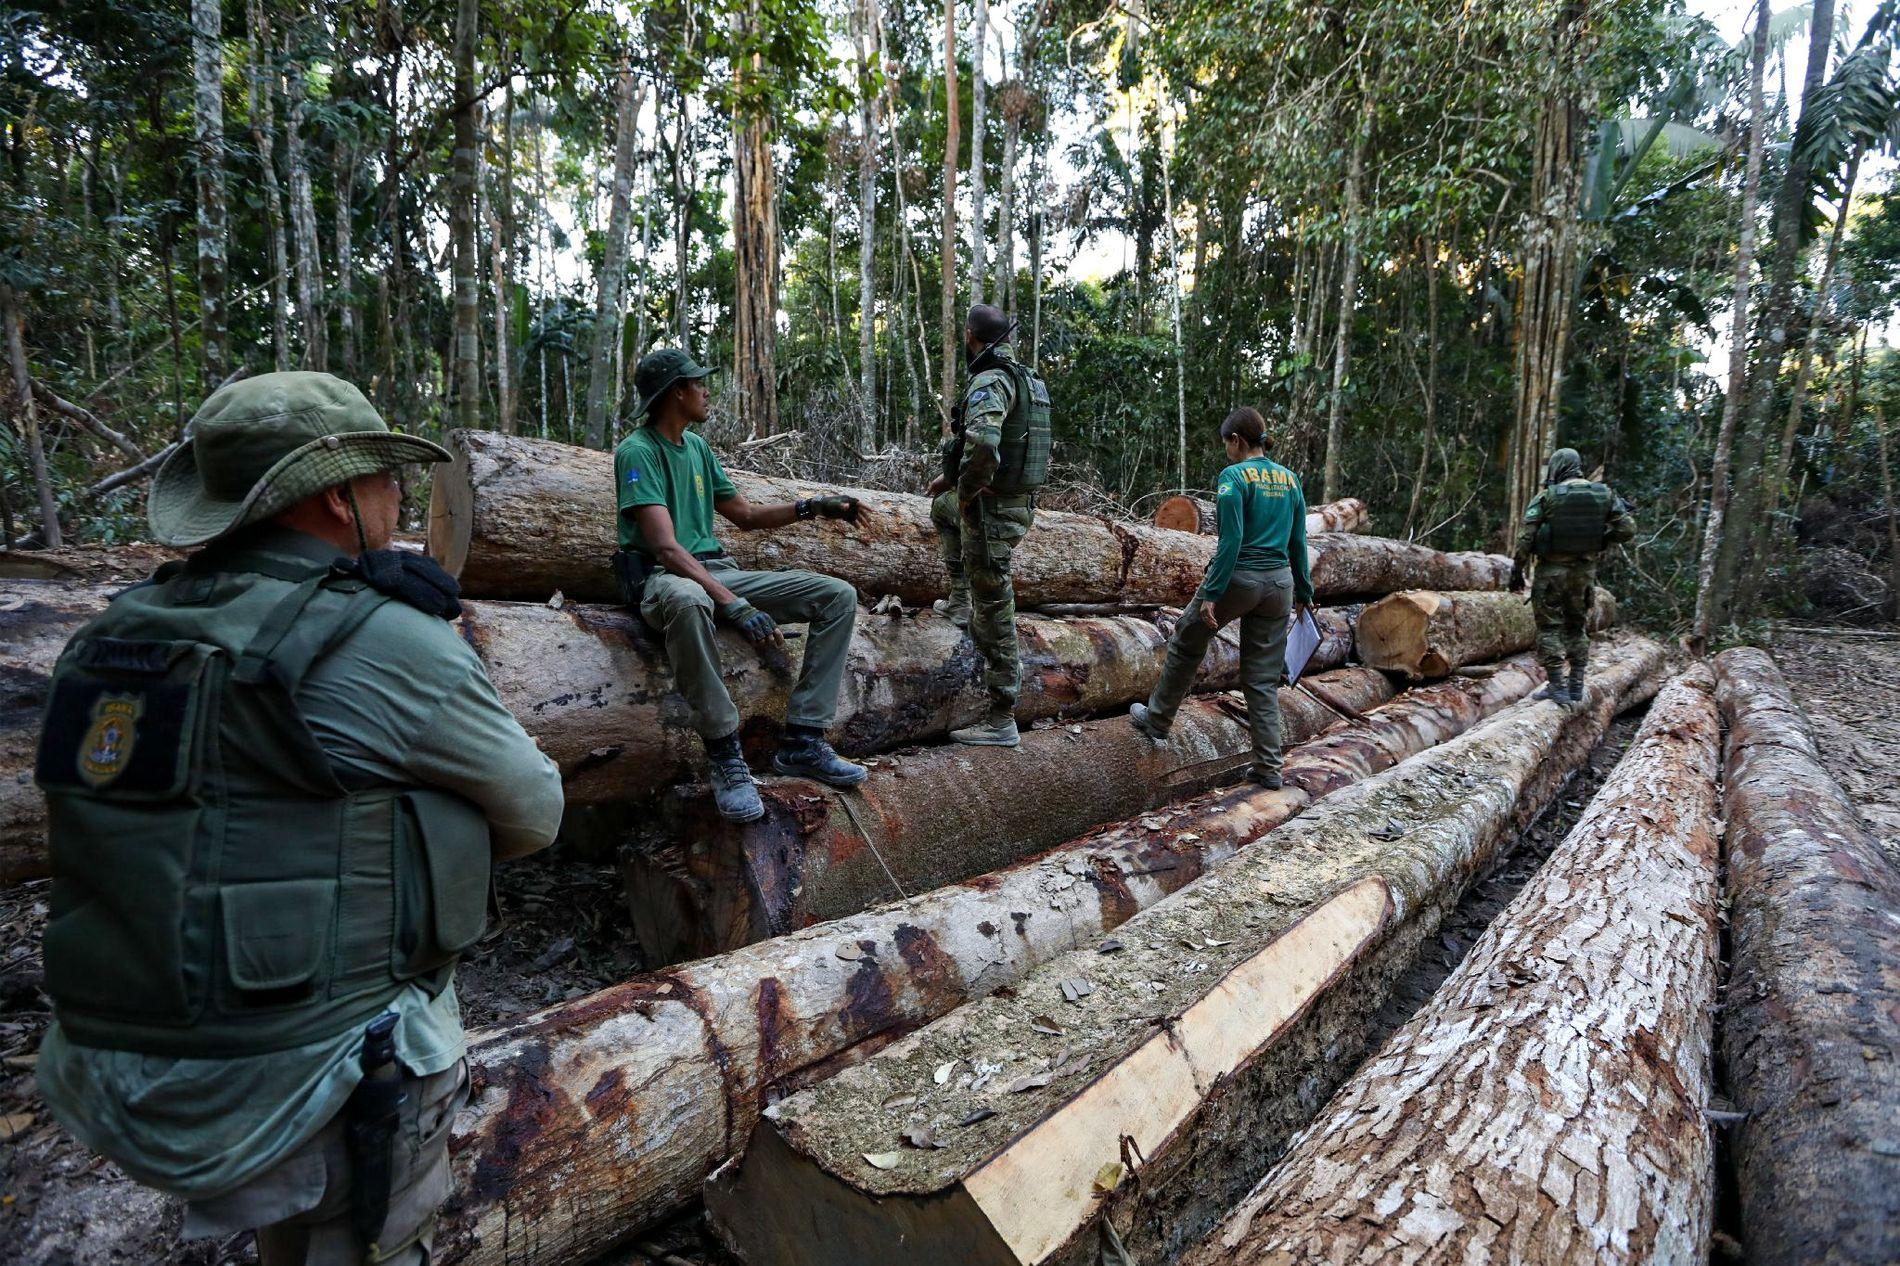 Los agentes del IBAMA descubren un alijo de madera en una carretera secundaria de Boa Vista ...